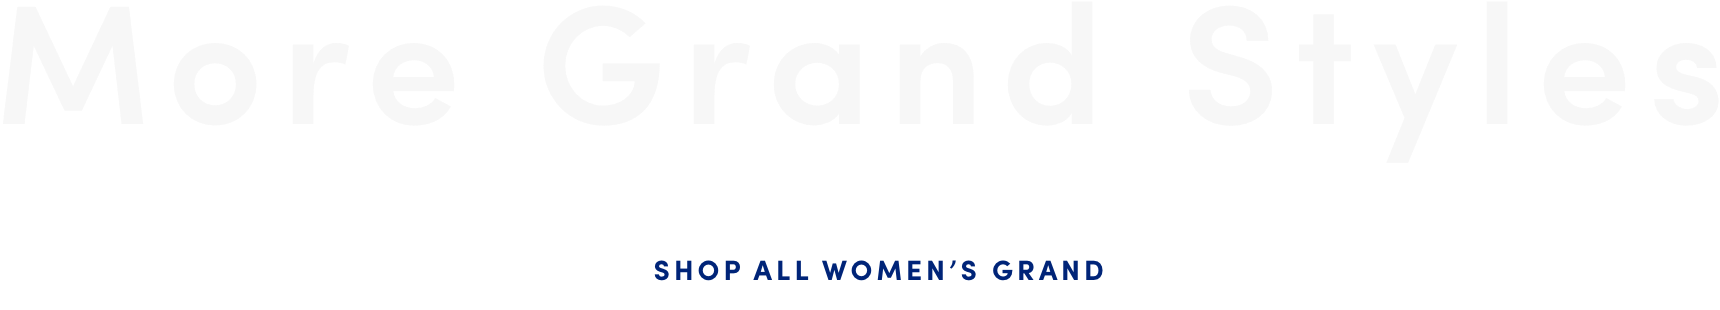 SHOP ALL WOMEN'S GRAND